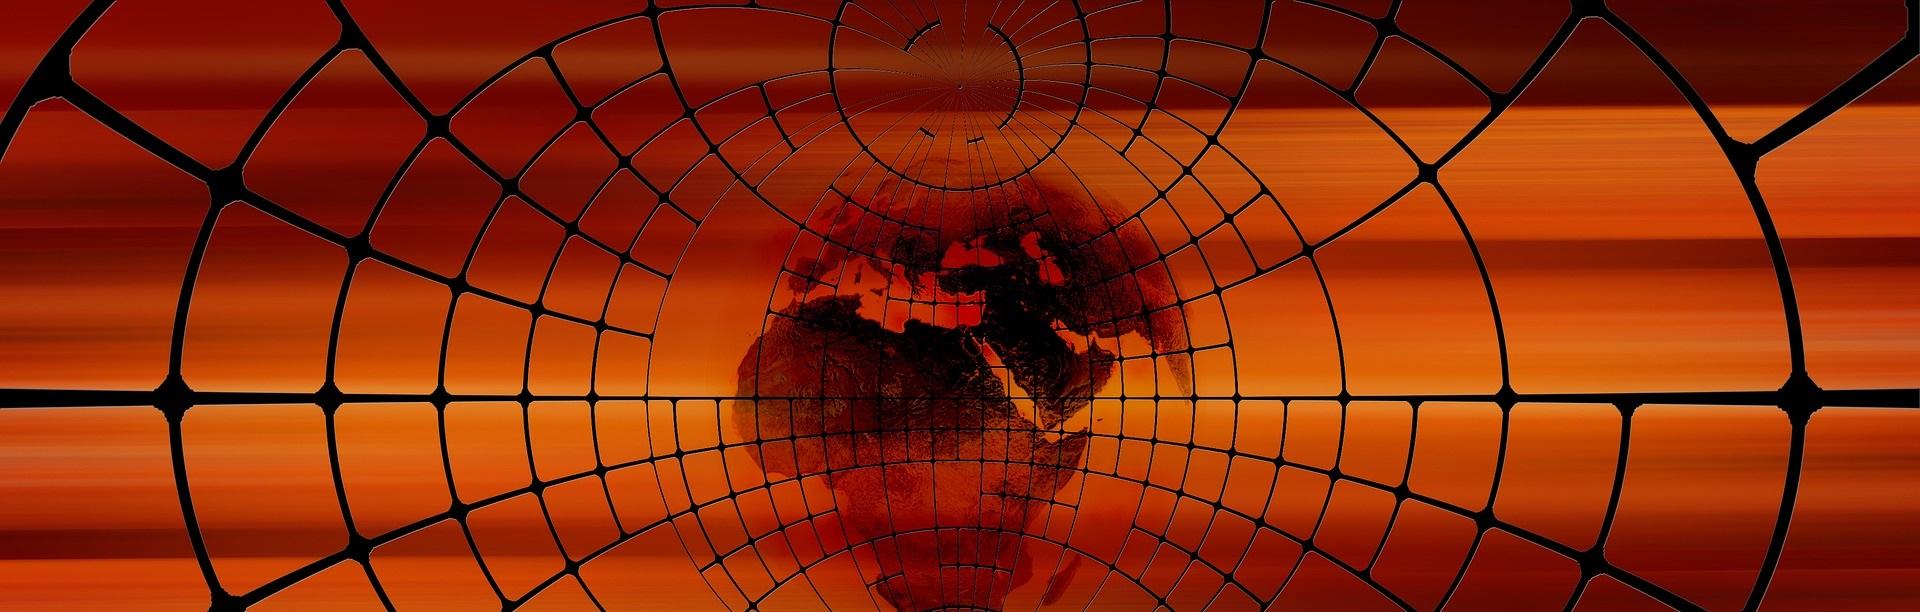 Världskarta i svart nät mot orange bakgrund.